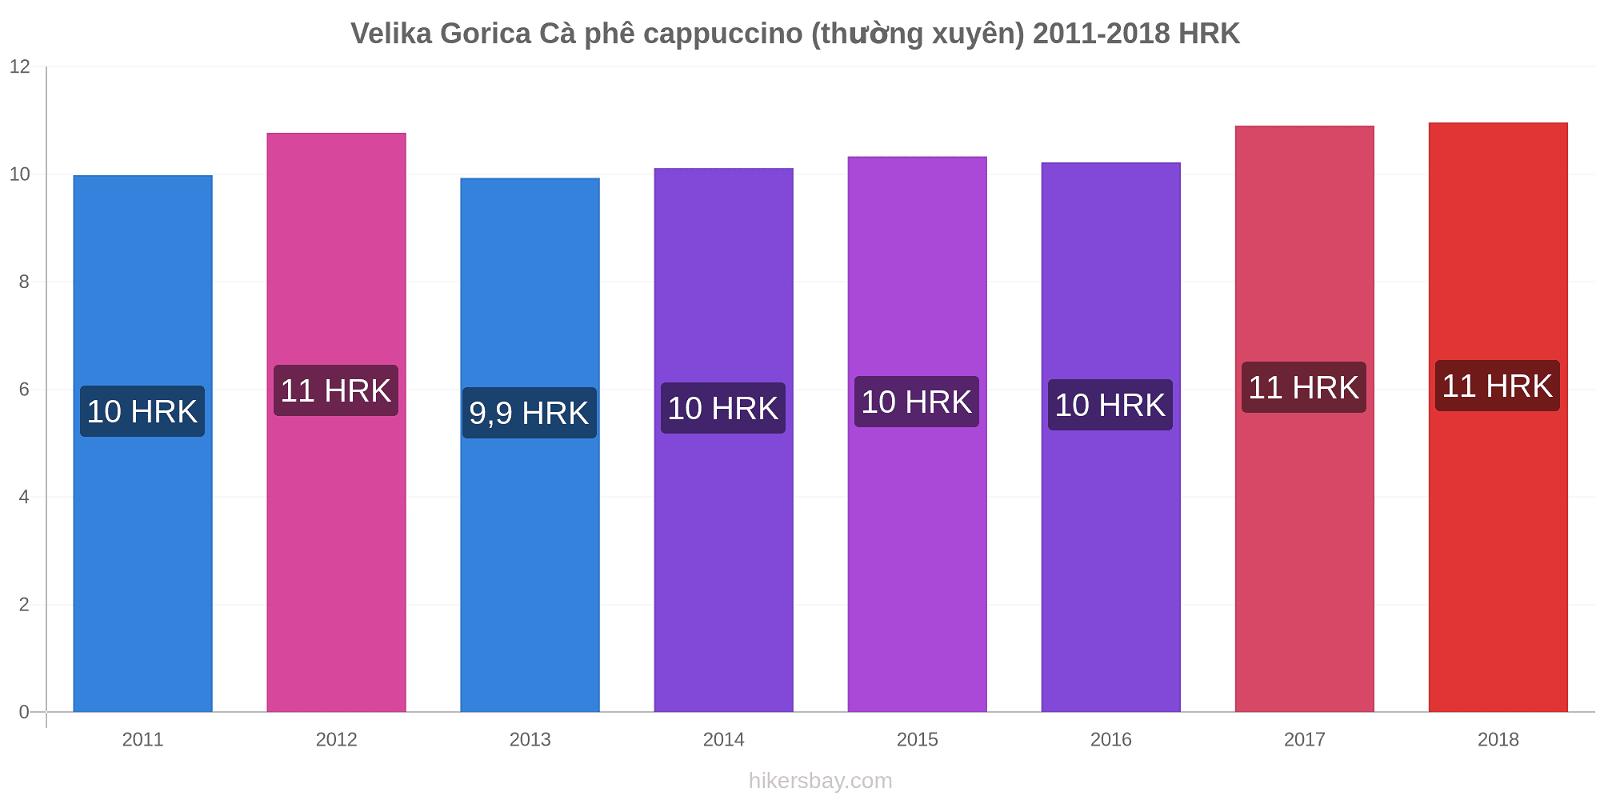 Velika Gorica thay đổi giá Cà phê cappuccino (thường xuyên) hikersbay.com